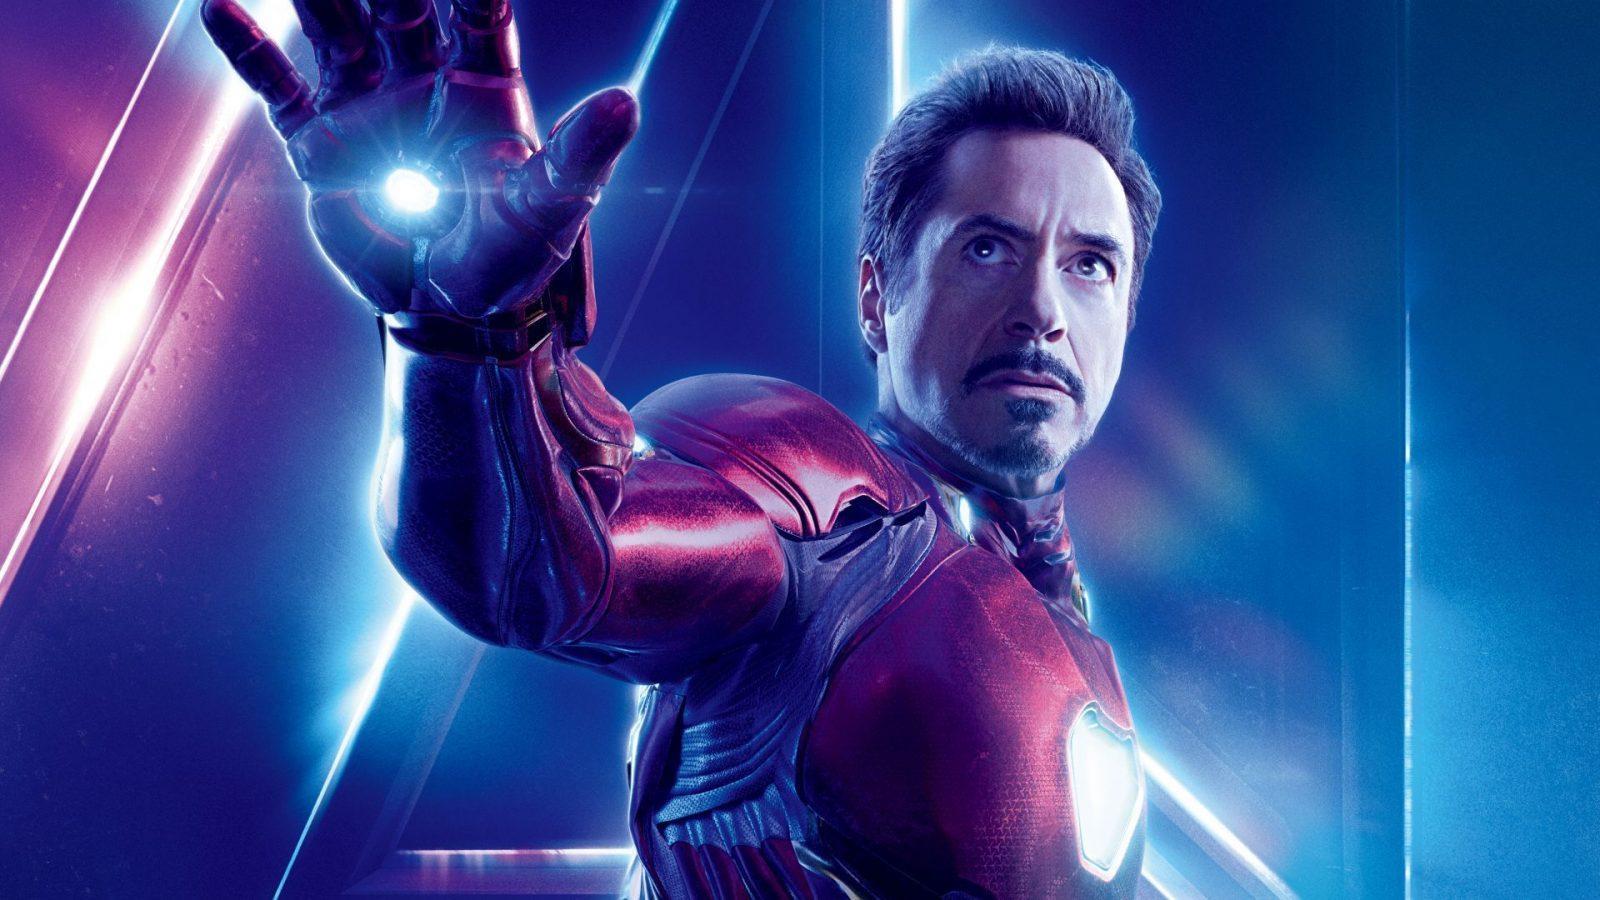 Iron-Man-Robert-Downey-Jr- Avengers Endgame